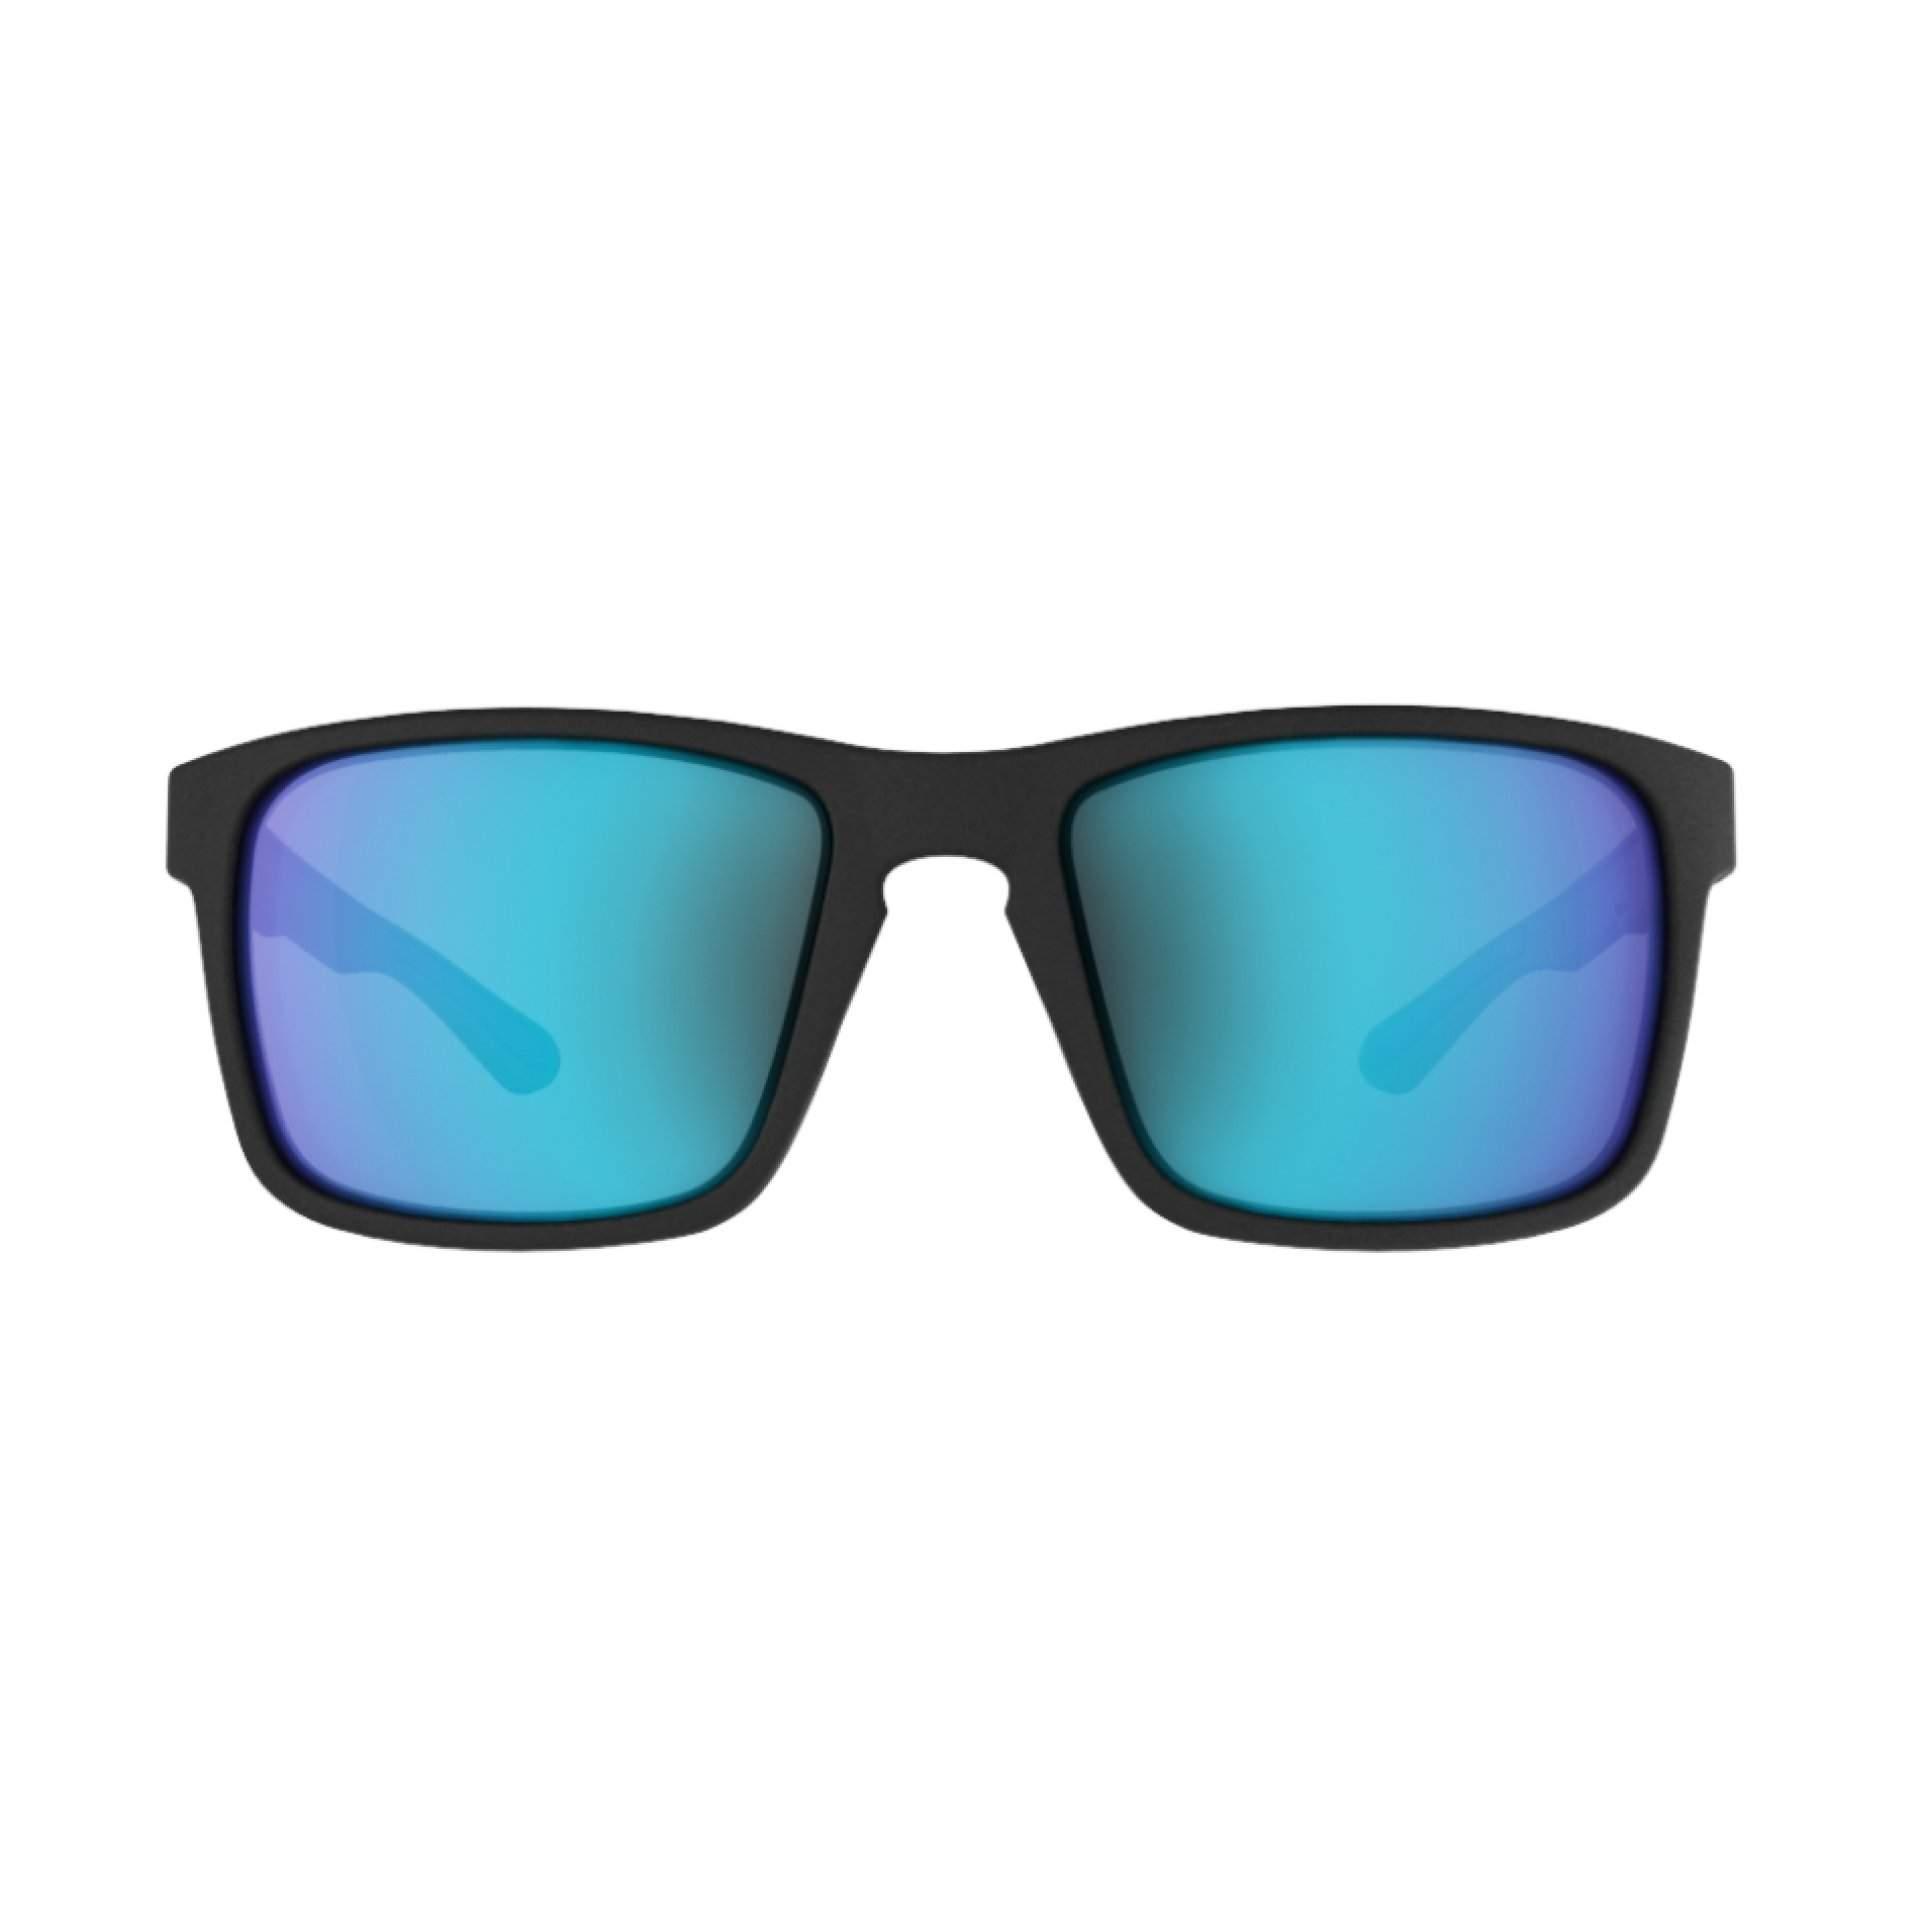 OKULARY BLIZ LUNA BLACK SMOKE W BLUE MULTI 54605 13 Z PRZODU